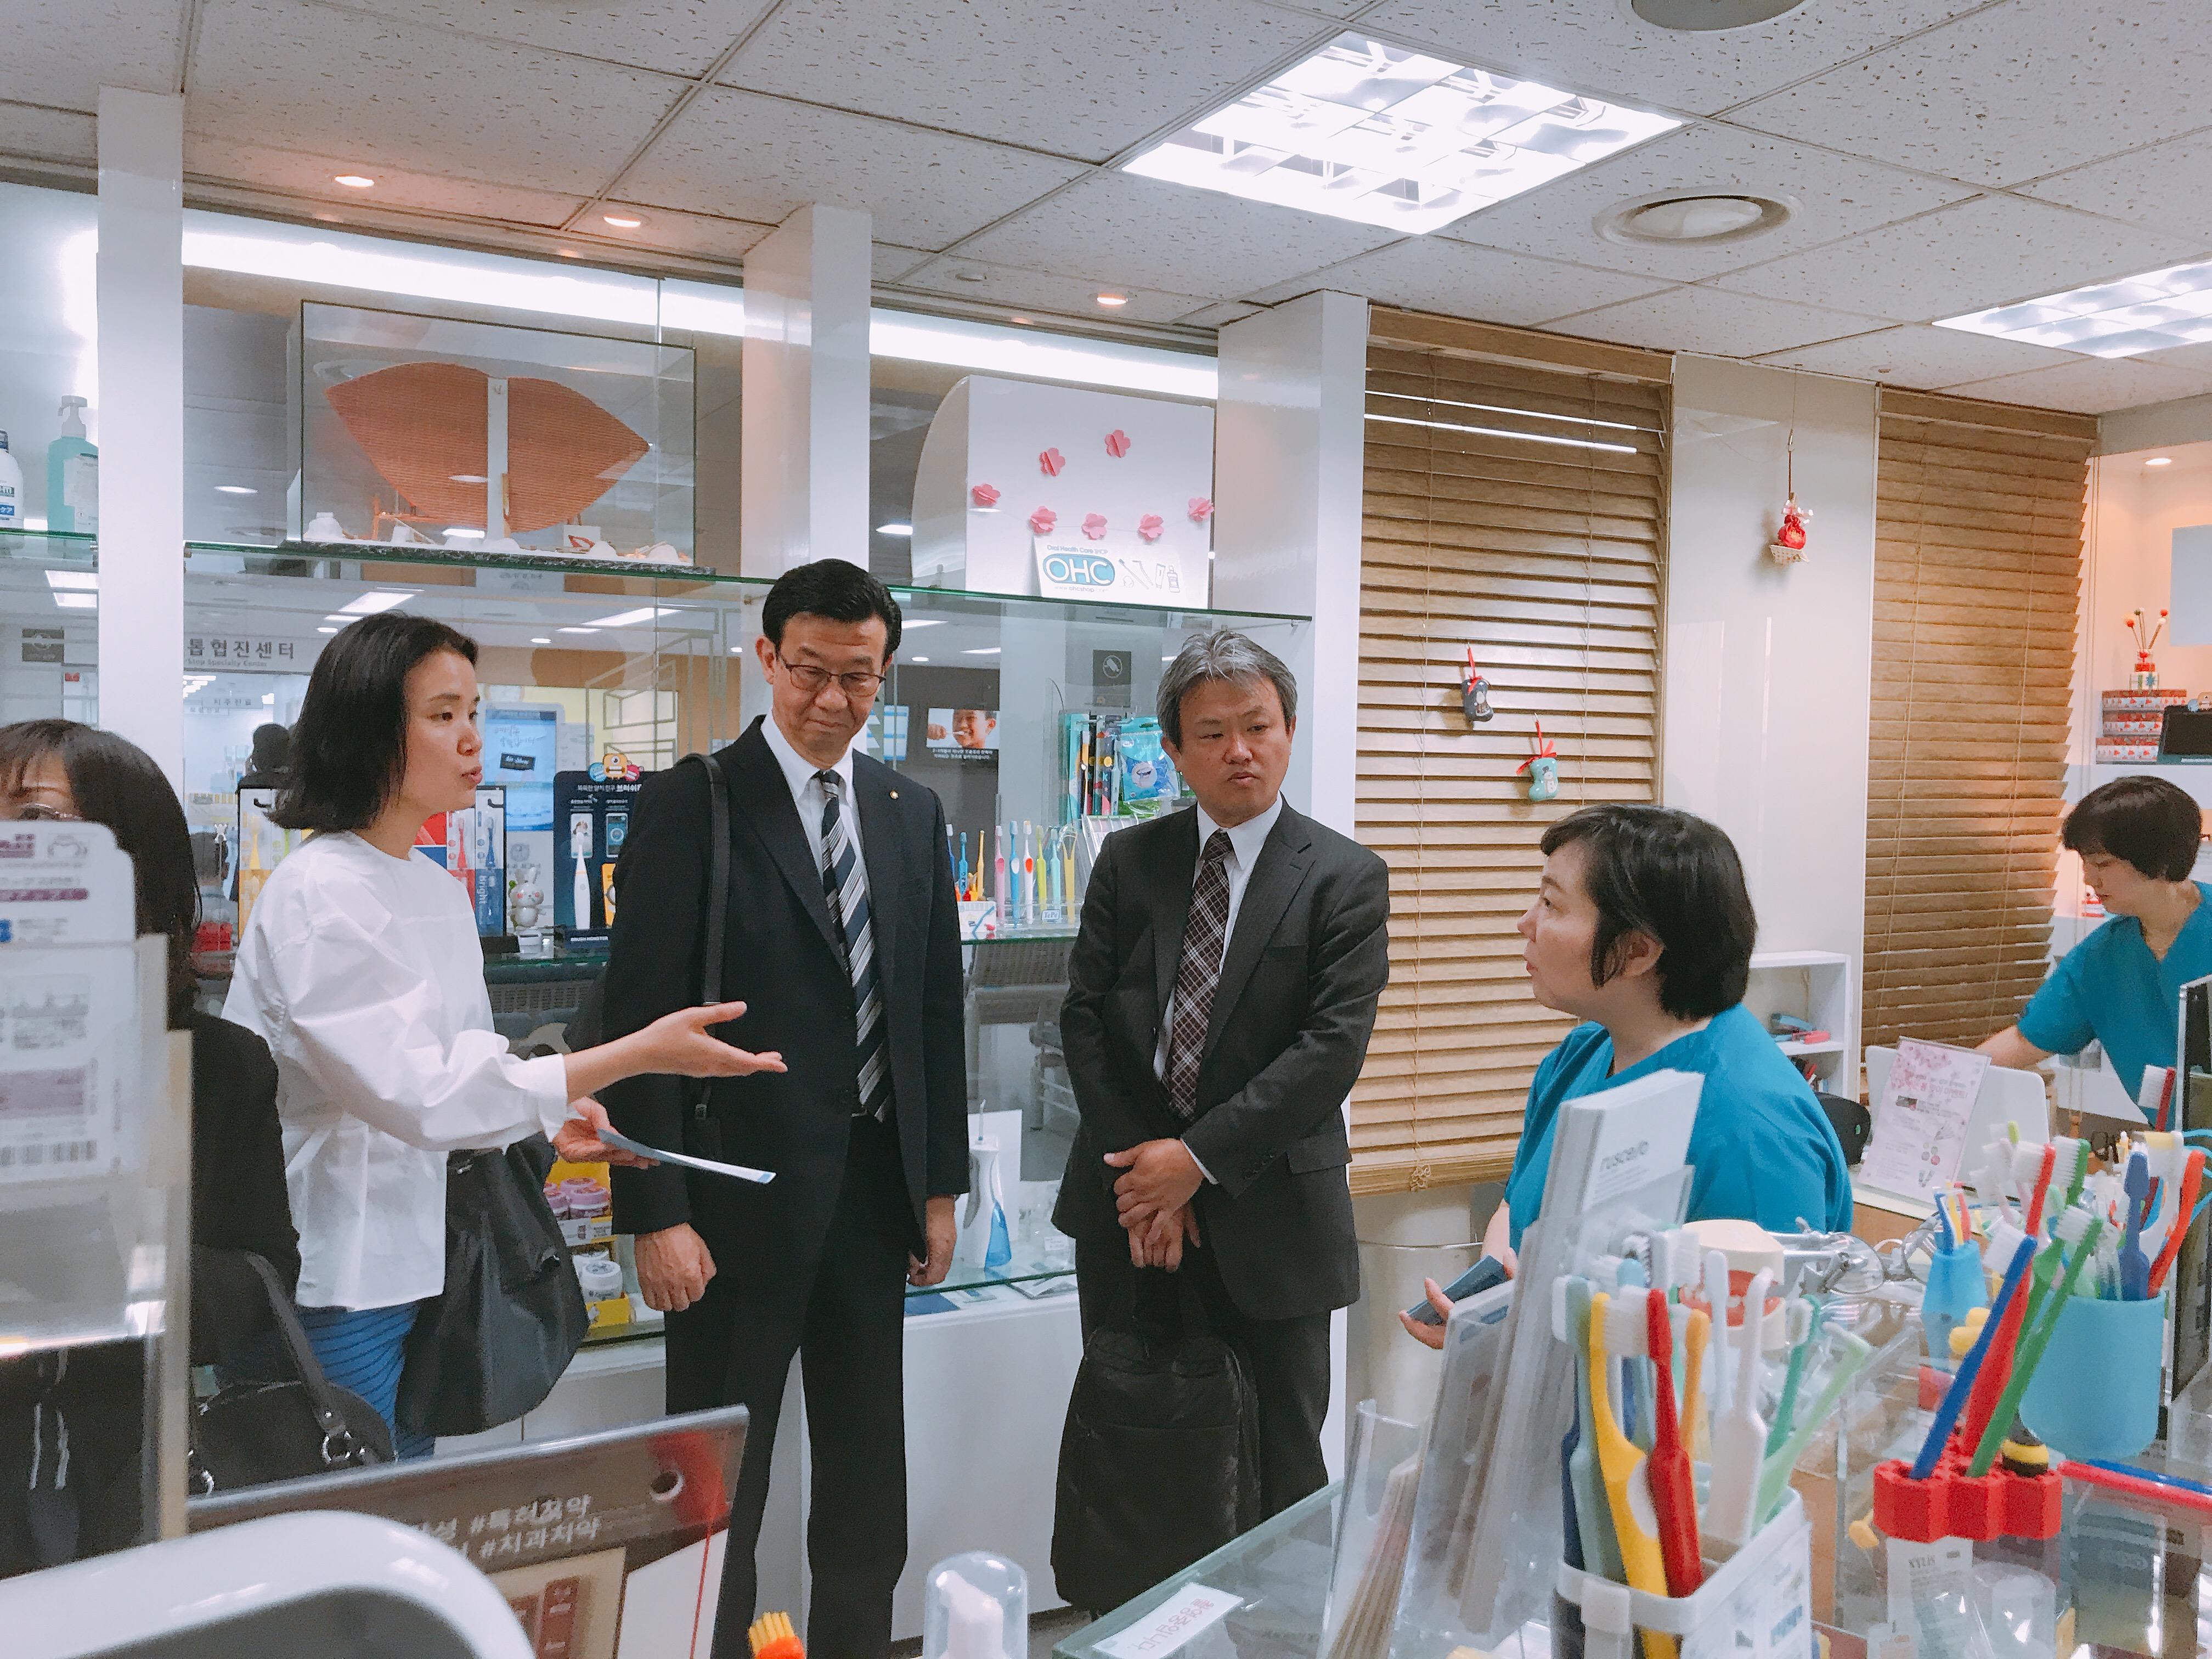 2019-5-13 일본 라이온 본사 직원 혜화방문 14.jpg